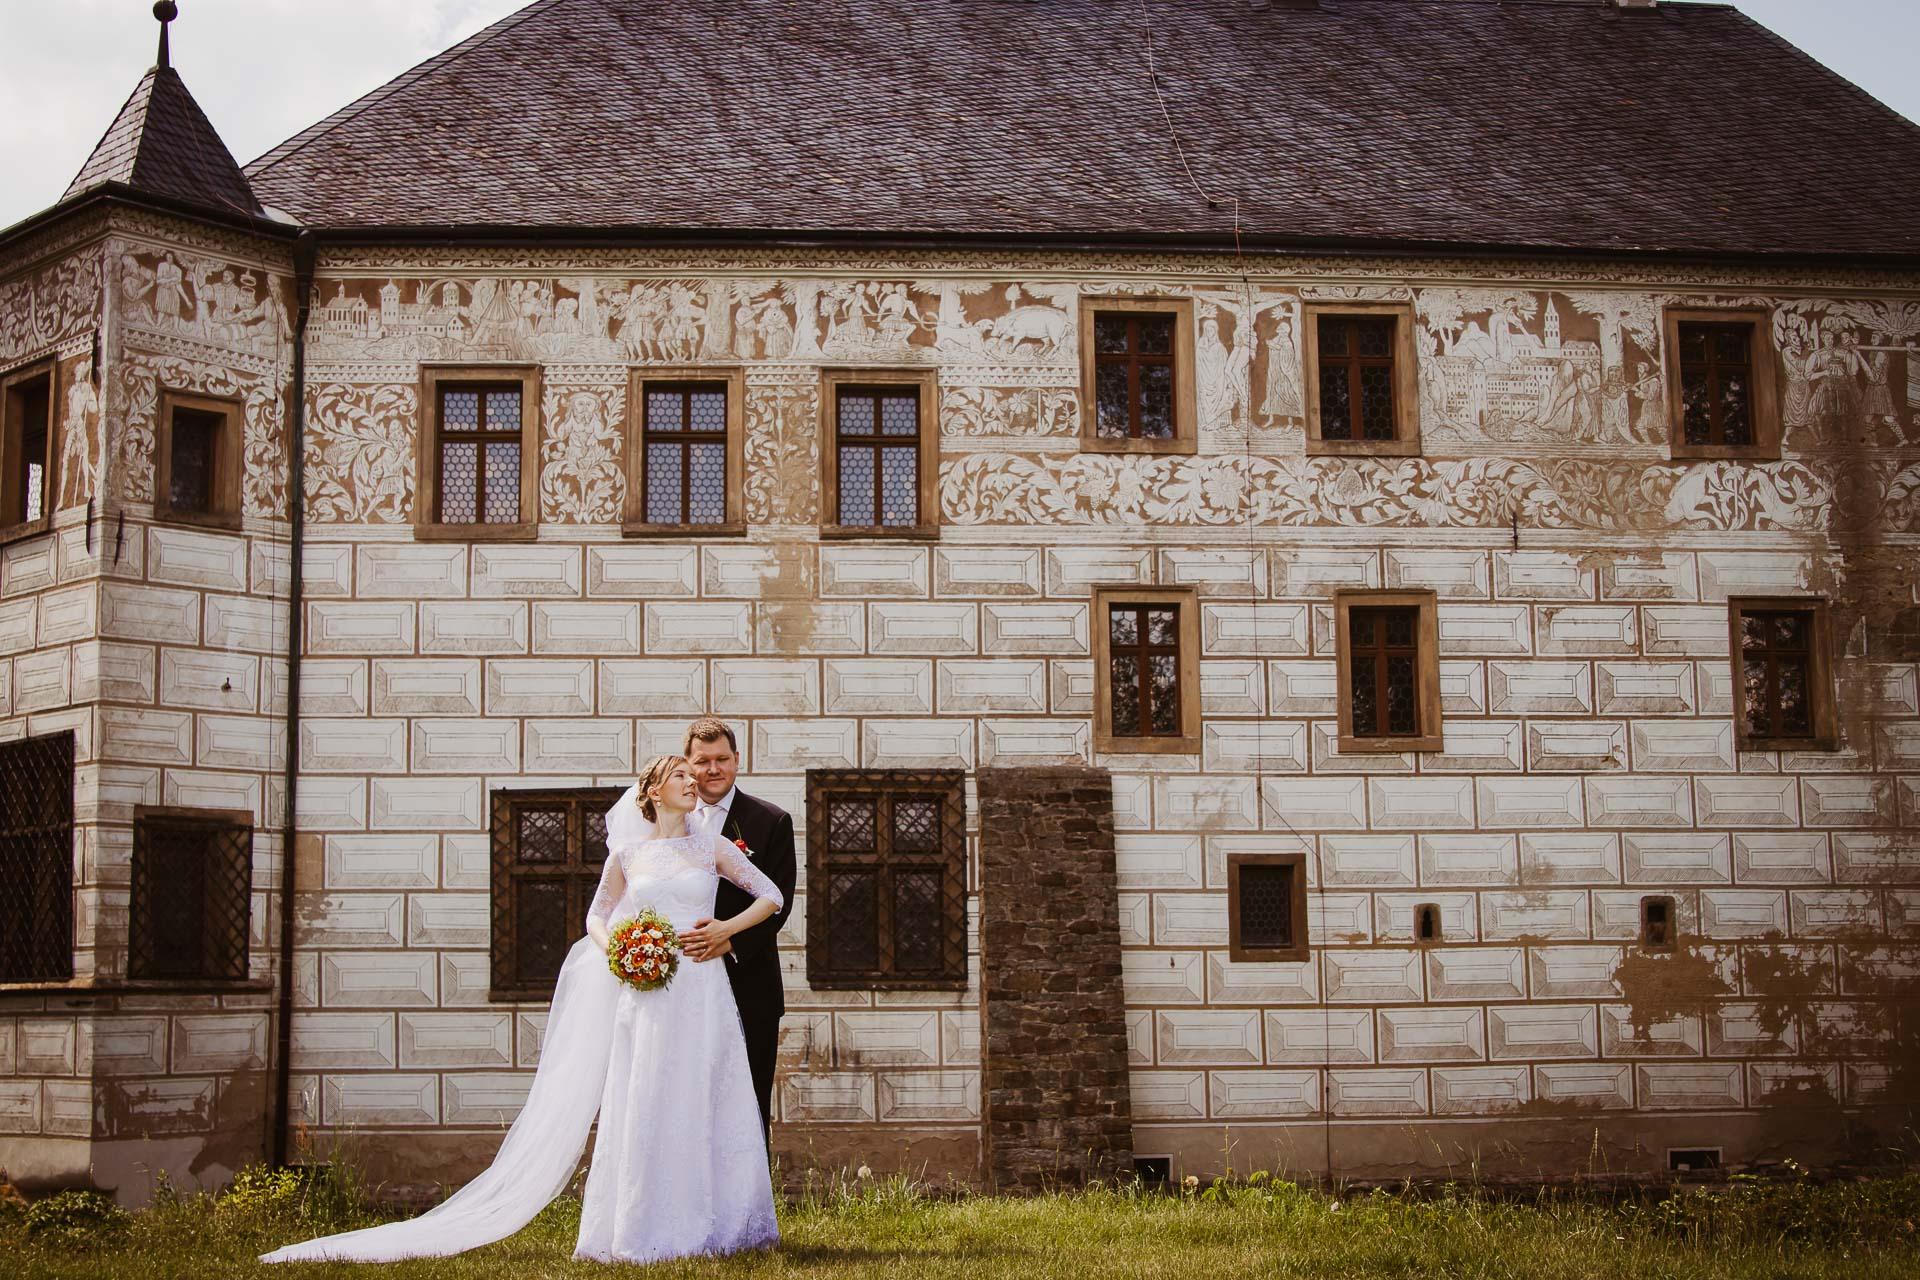 svatební fotograf Lysá nad Labem, penzion Polabí Přerov nad Labem, letní svatba-231